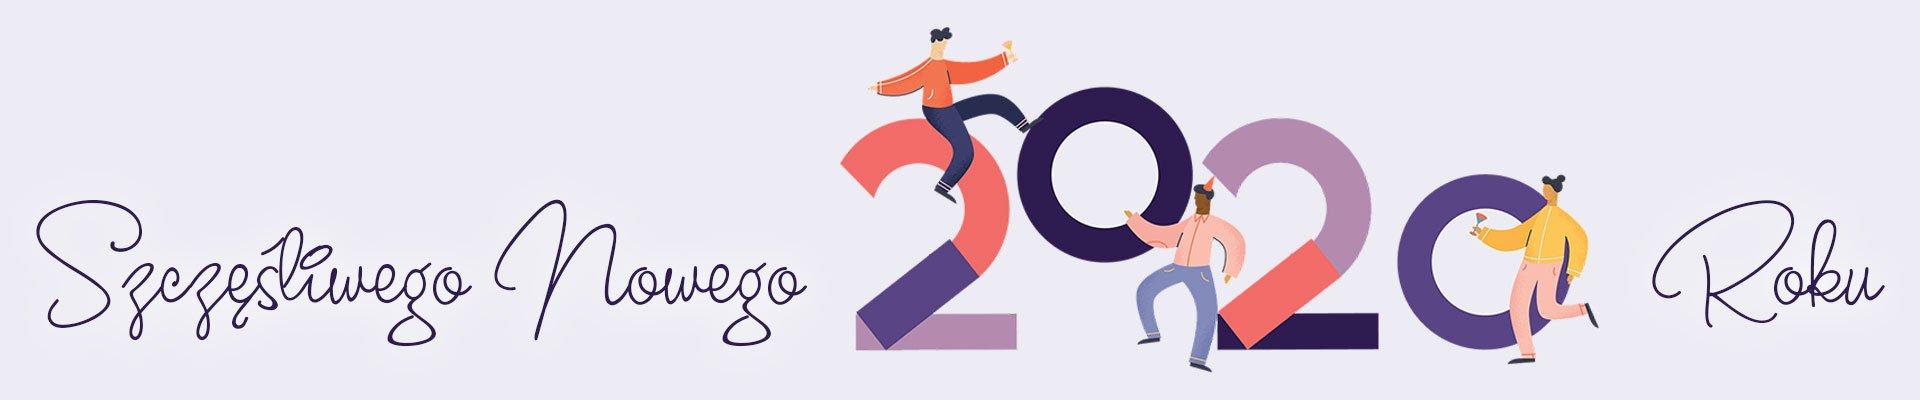 baner 2020 - Start